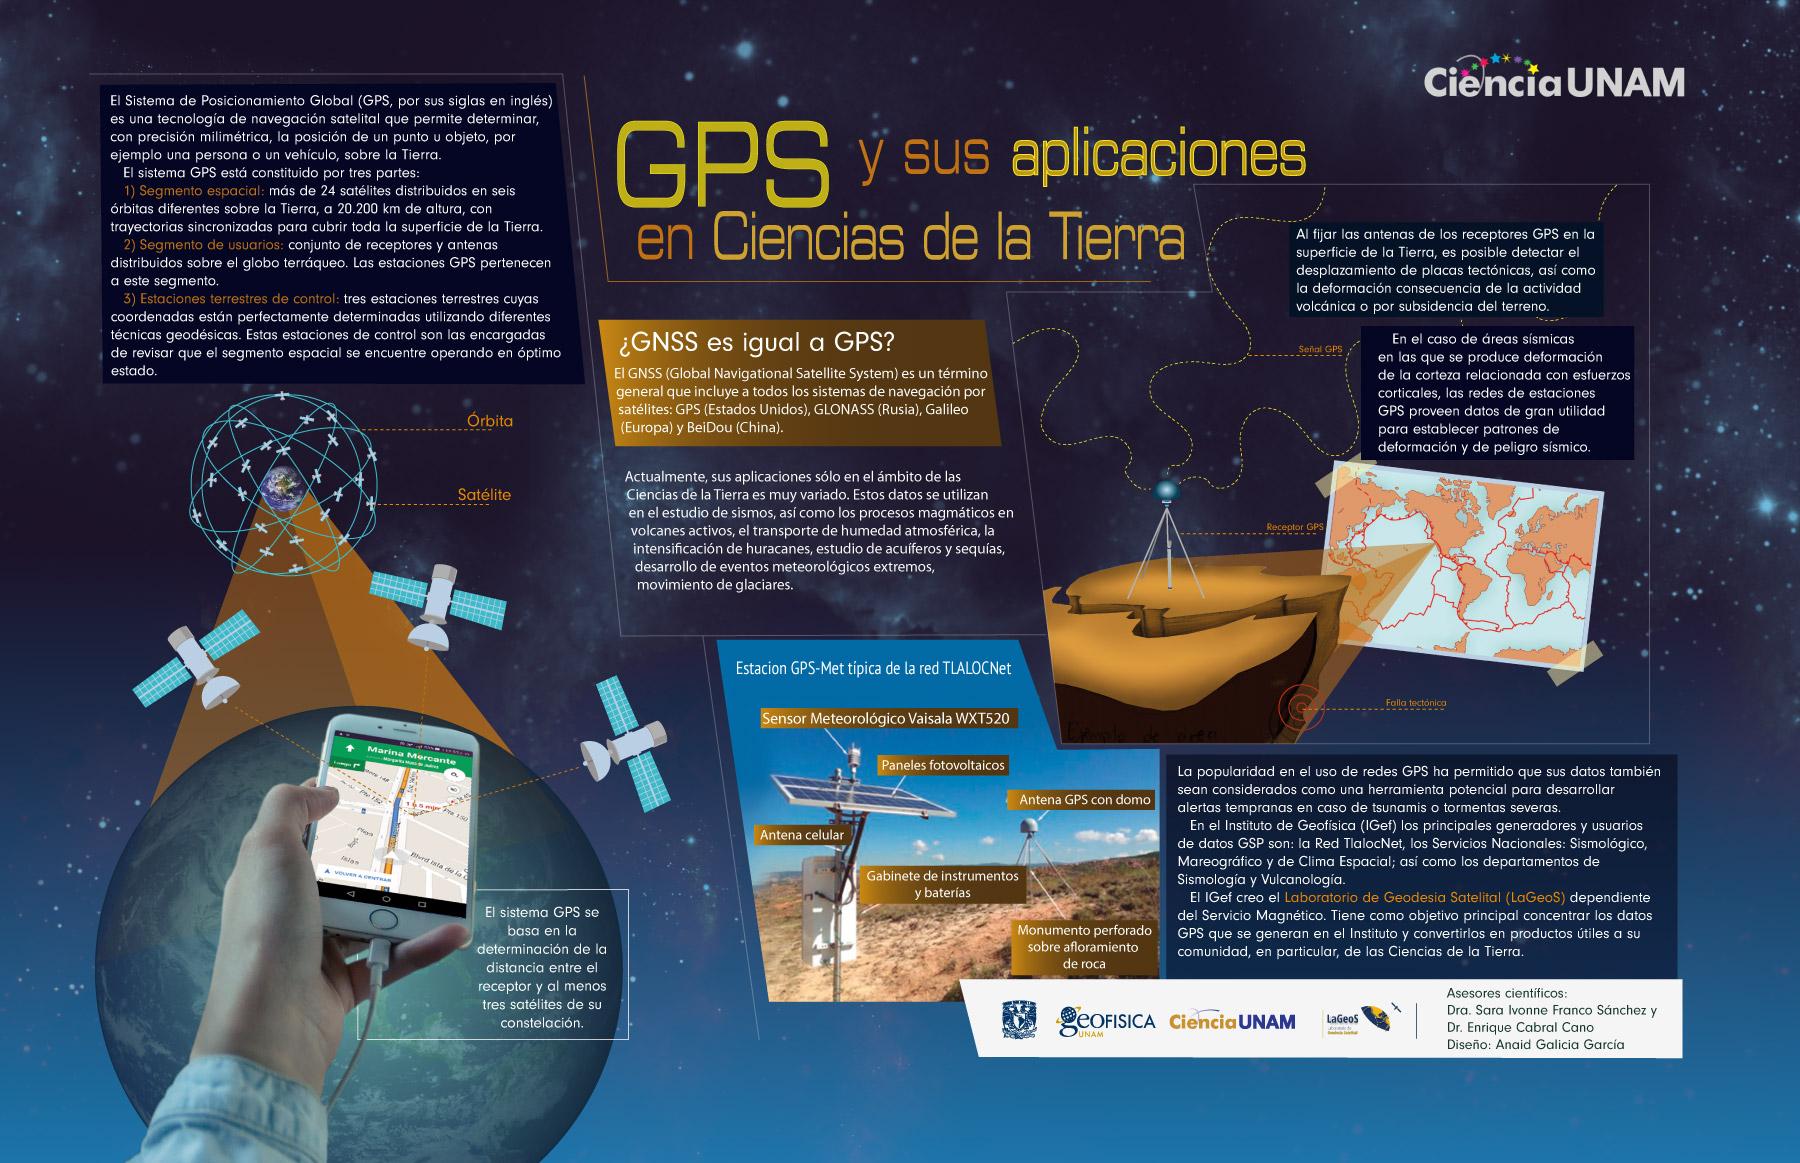 GPS y sus aplicaciones en Ciencias de la Tierra